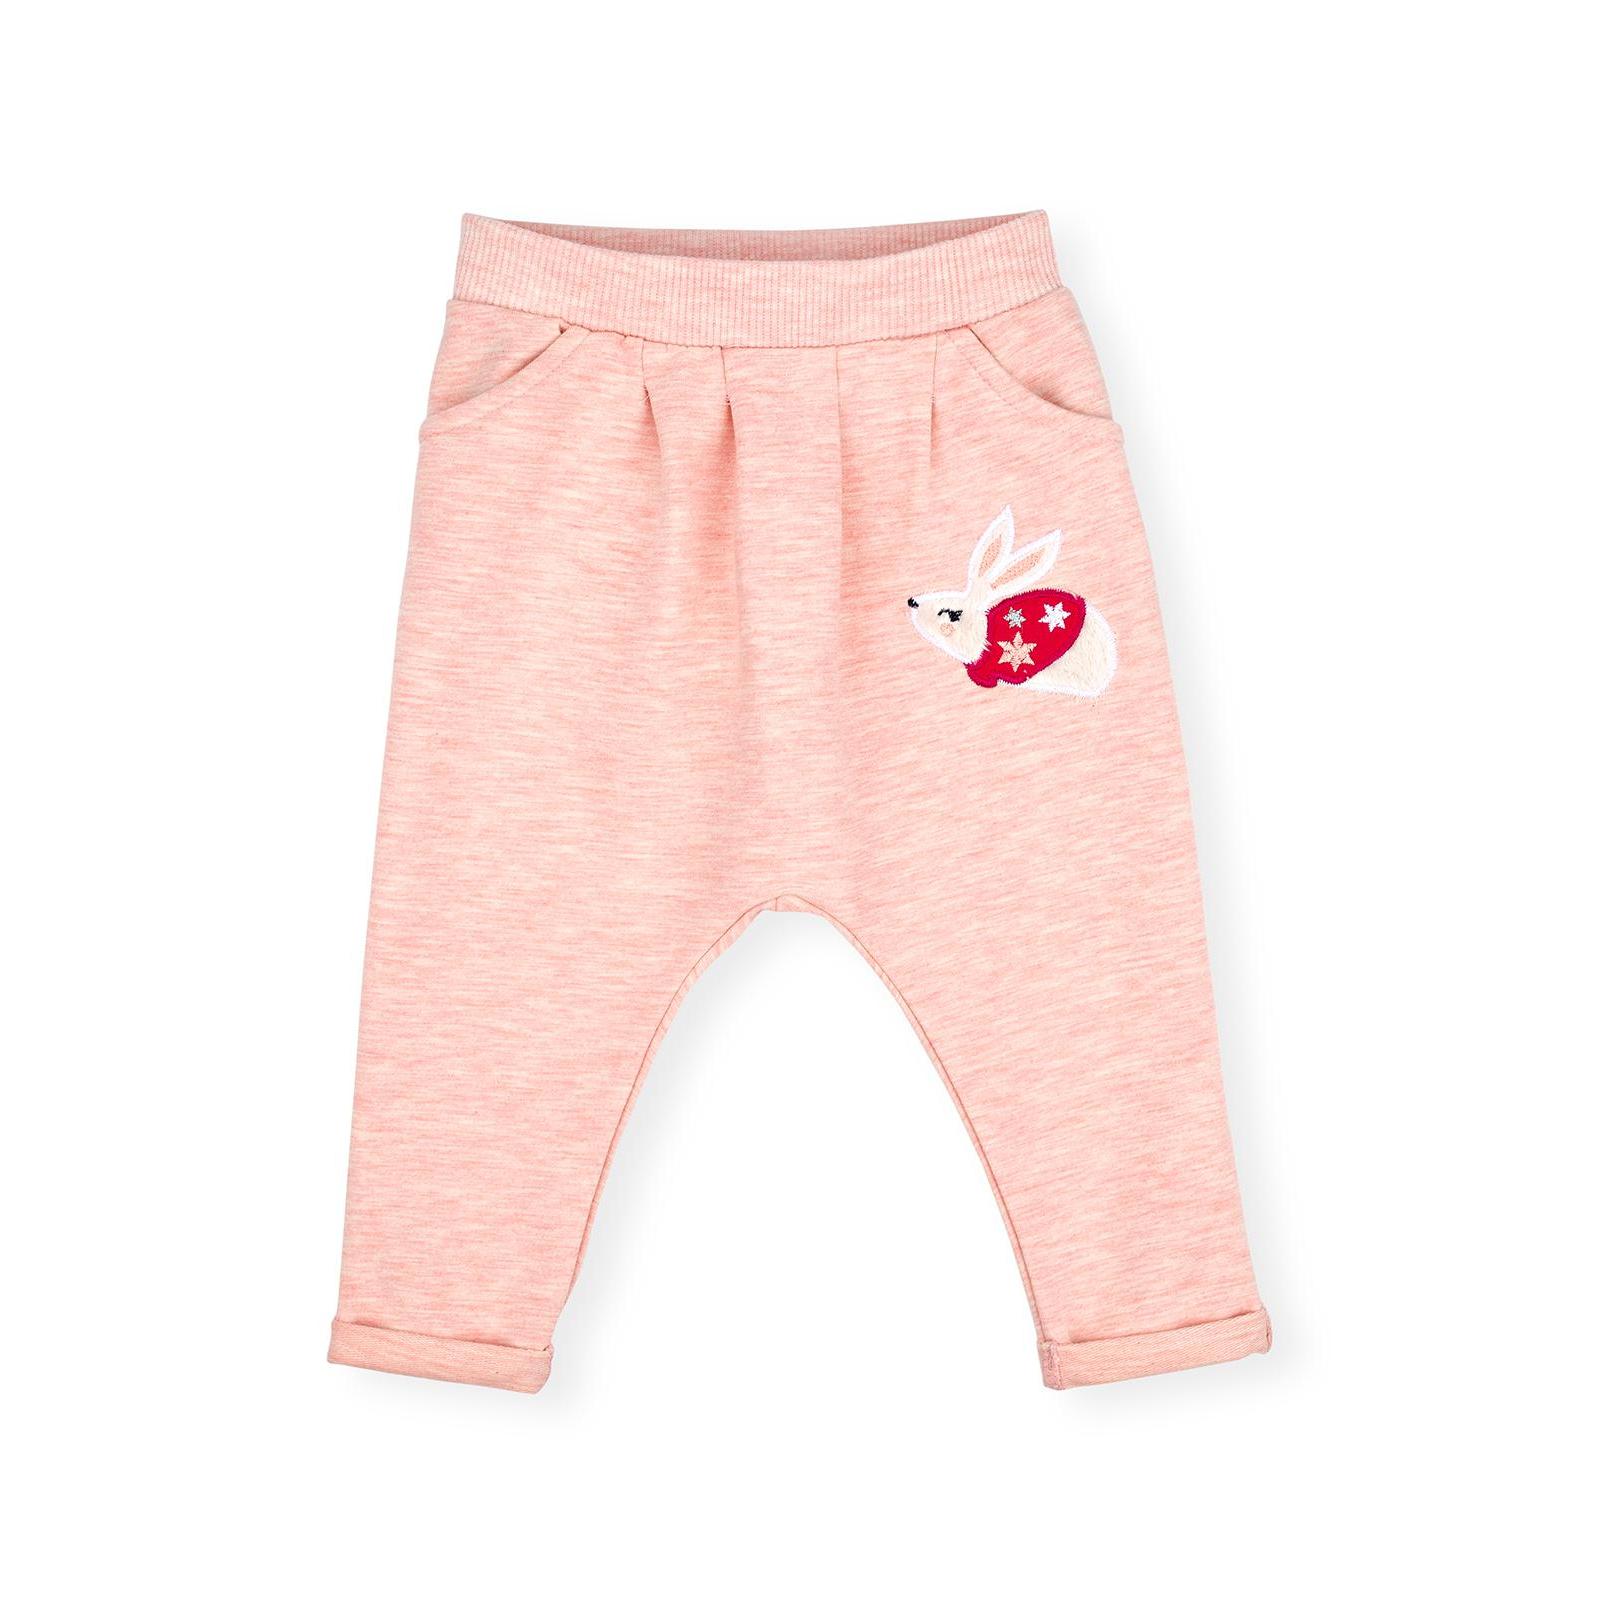 Набор детской одежды Breeze с зайчиками (10214-98G-peach) изображение 3